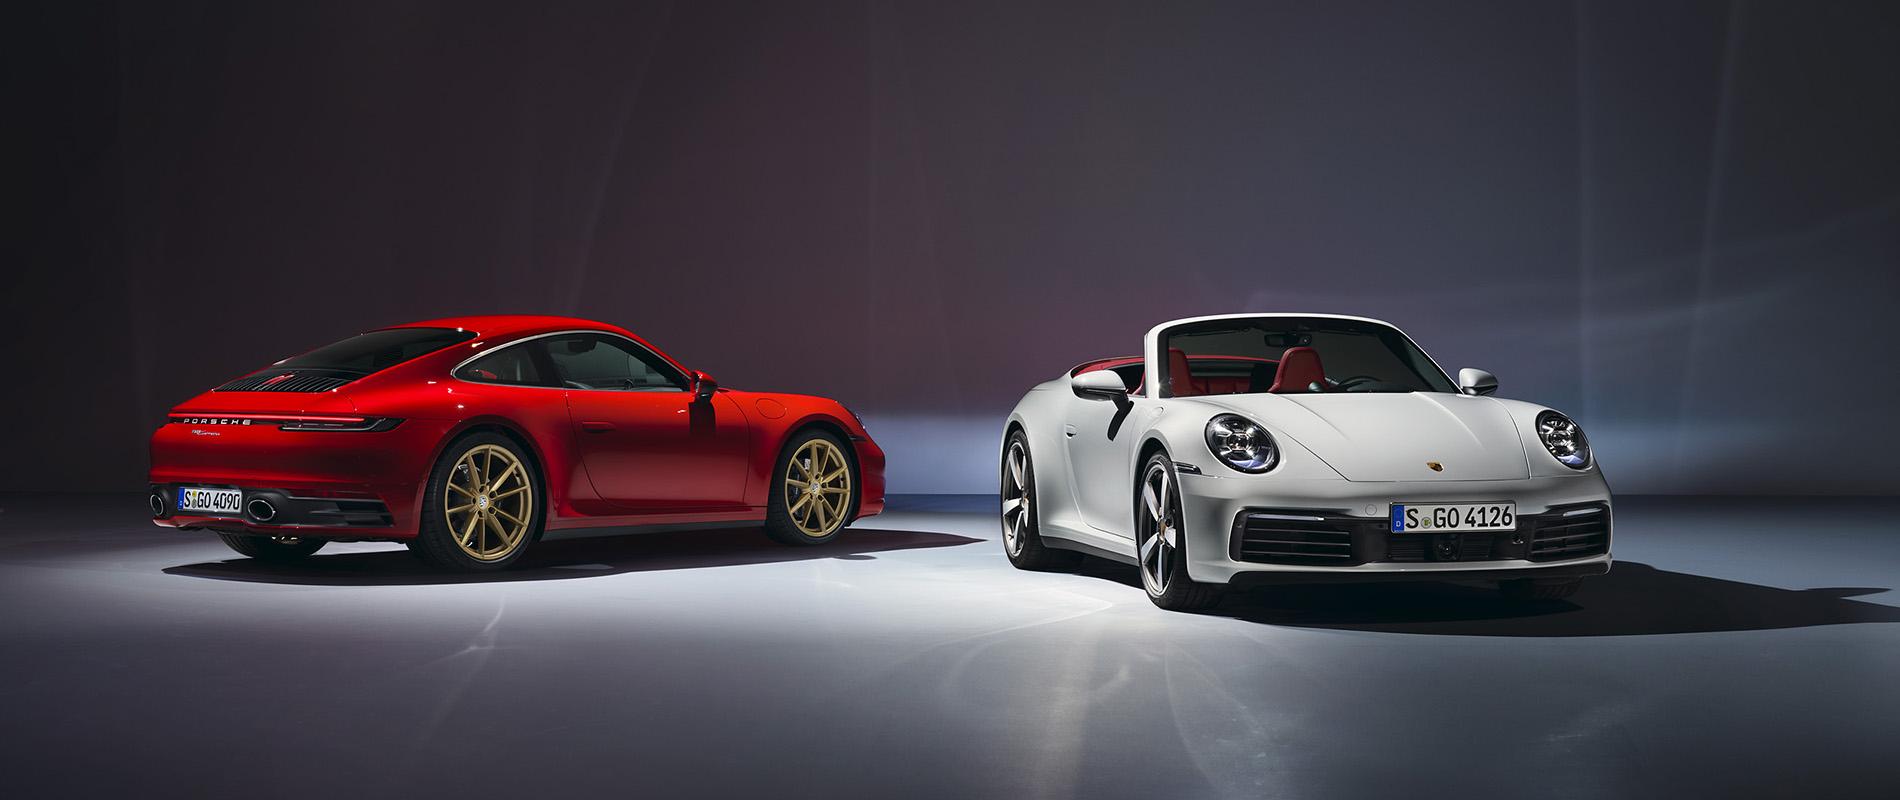 Porsche giới thiệu 911 Carrera Coupé và 911 Carrera Cabriolet mới - 0